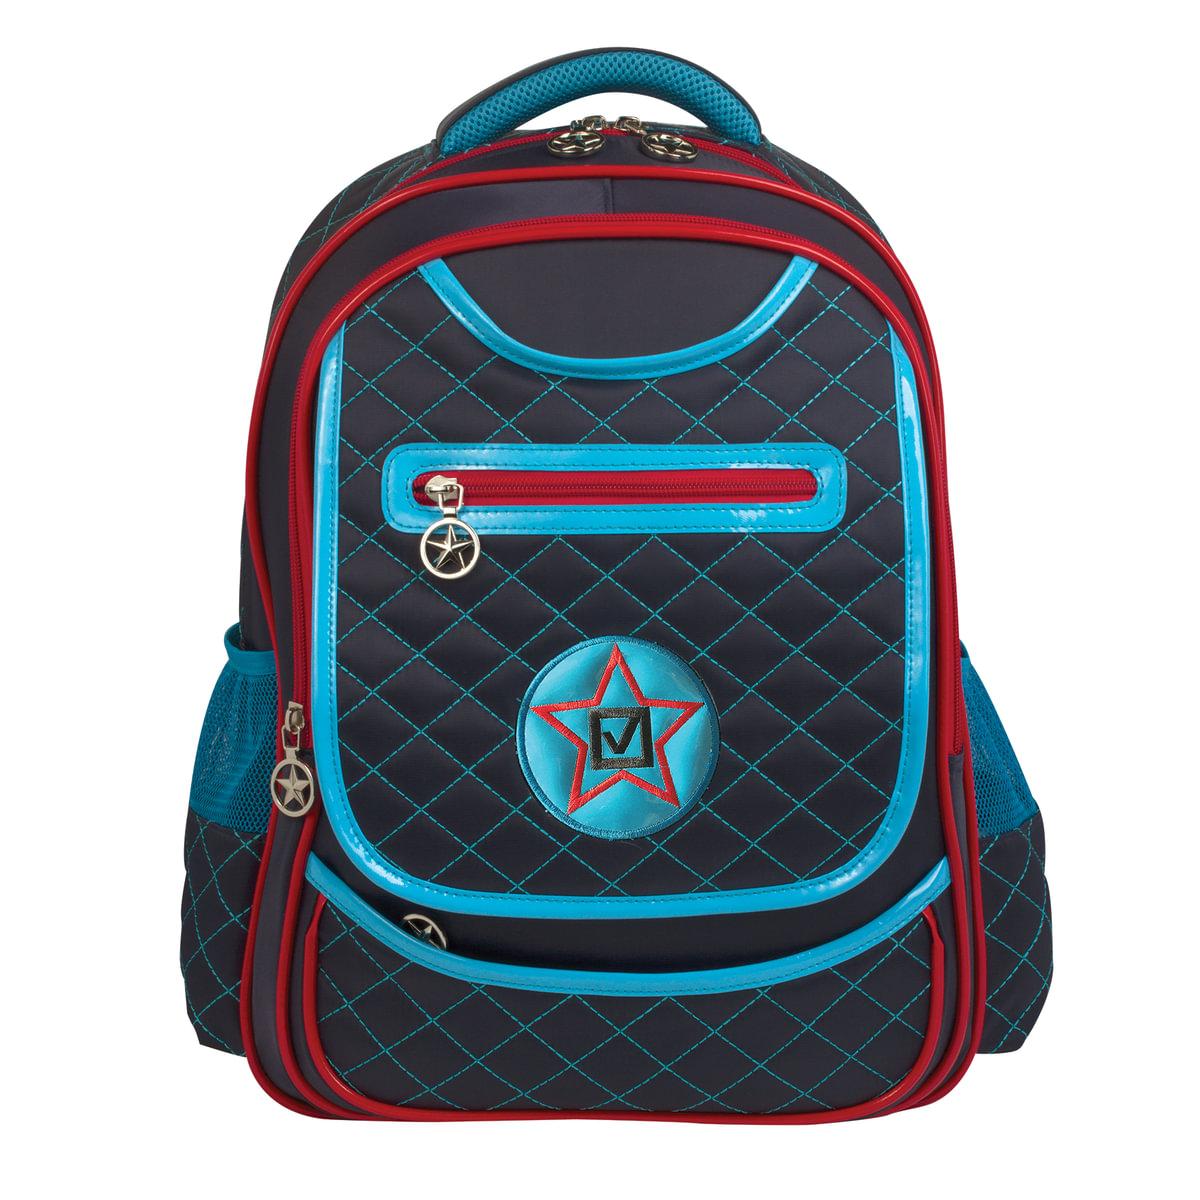 Картинки школьный рюкзак для начальной школы